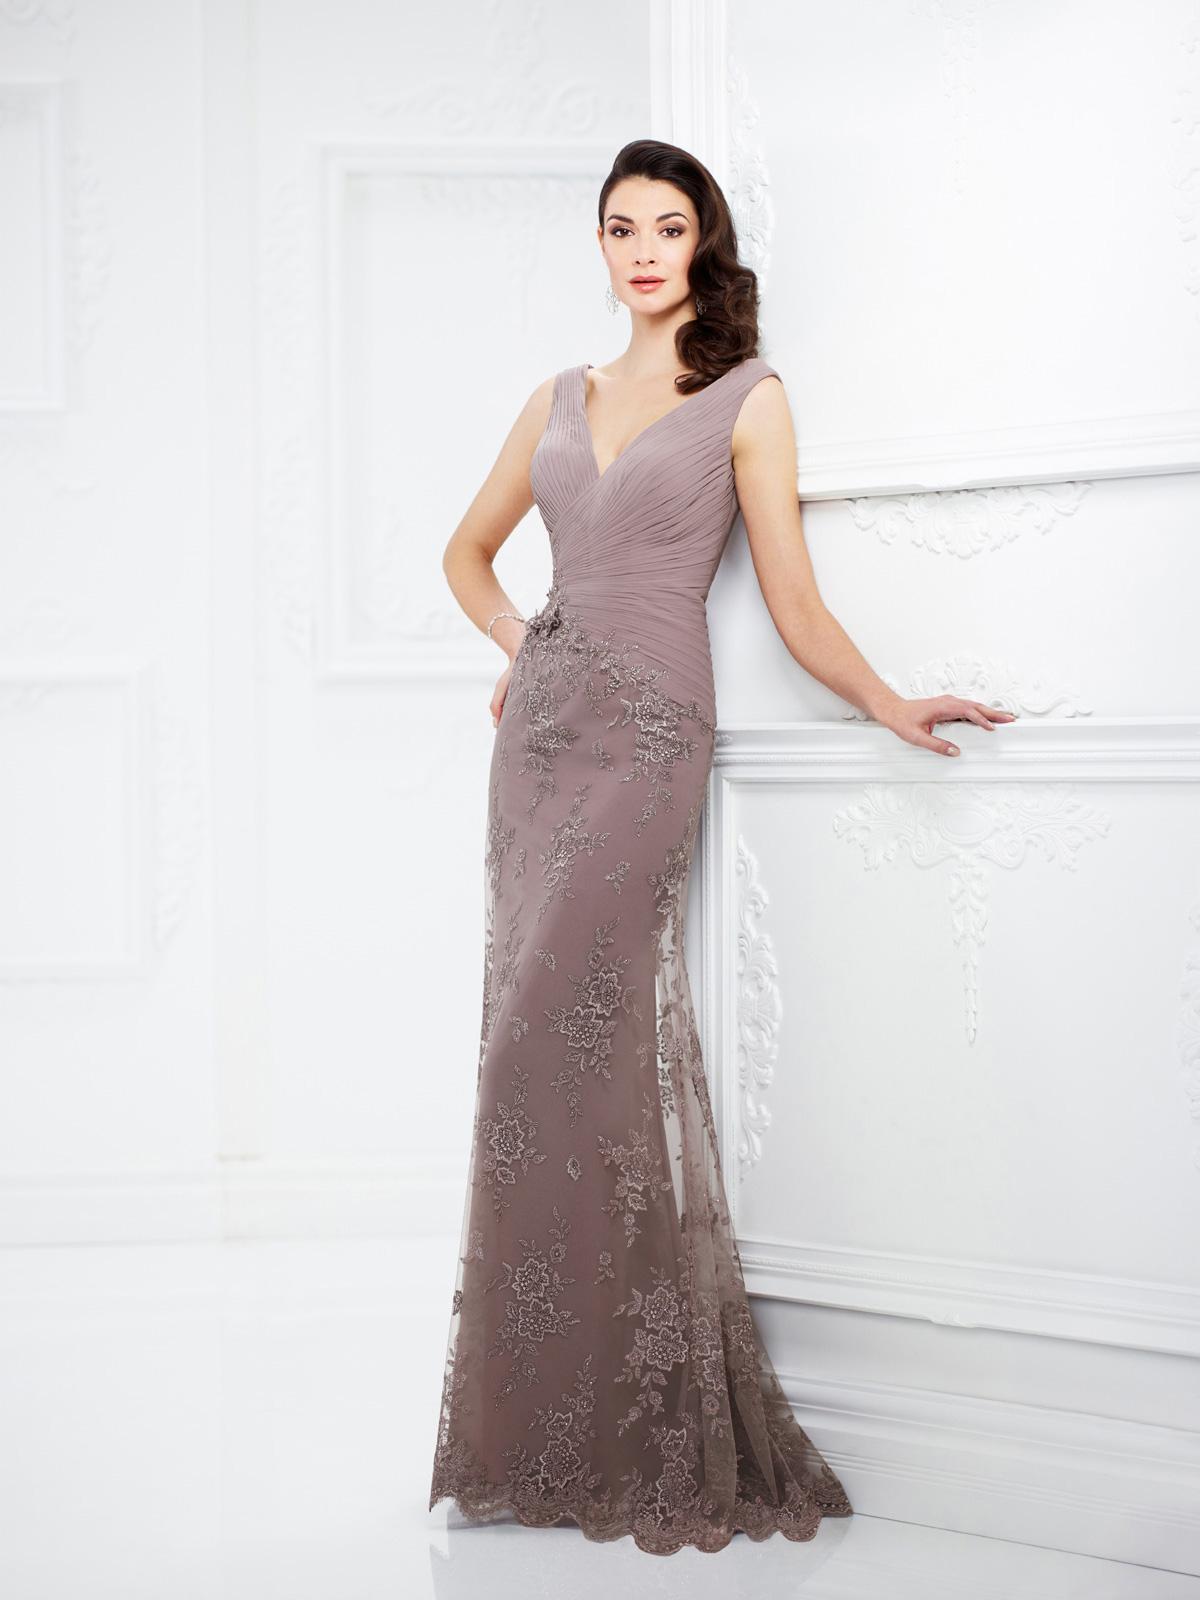 Vestido de Festa charmoso com corpo acinturado todo drapeado e saia sereia confeccionada em renda rebordada em pedrarias.